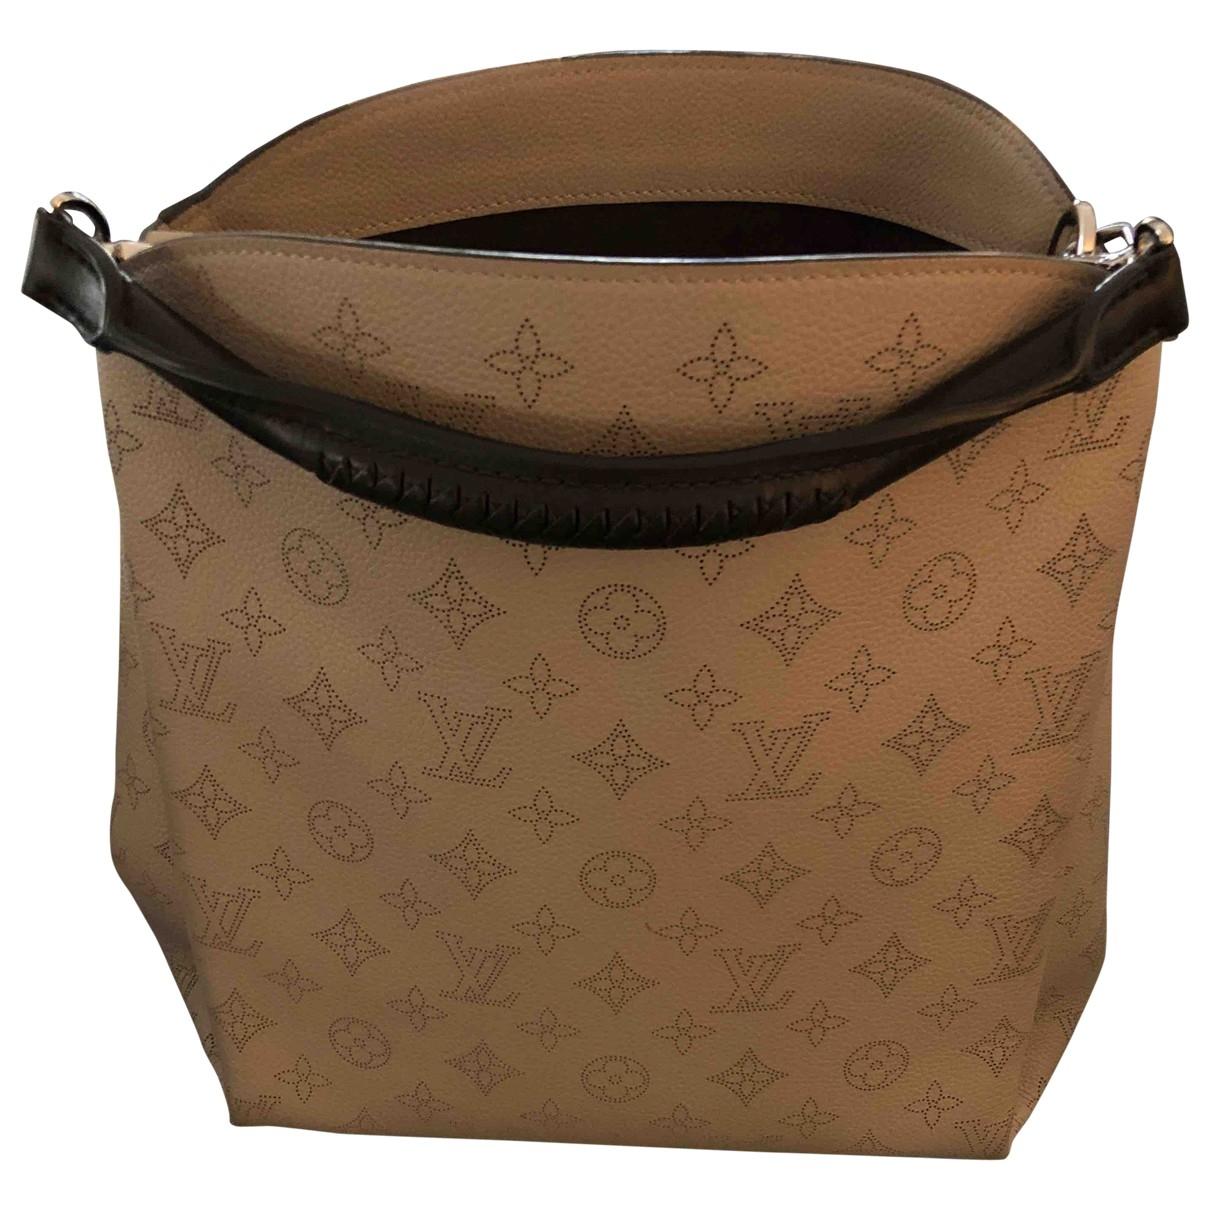 Louis Vuitton Babylone Handtasche in  Beige Leder